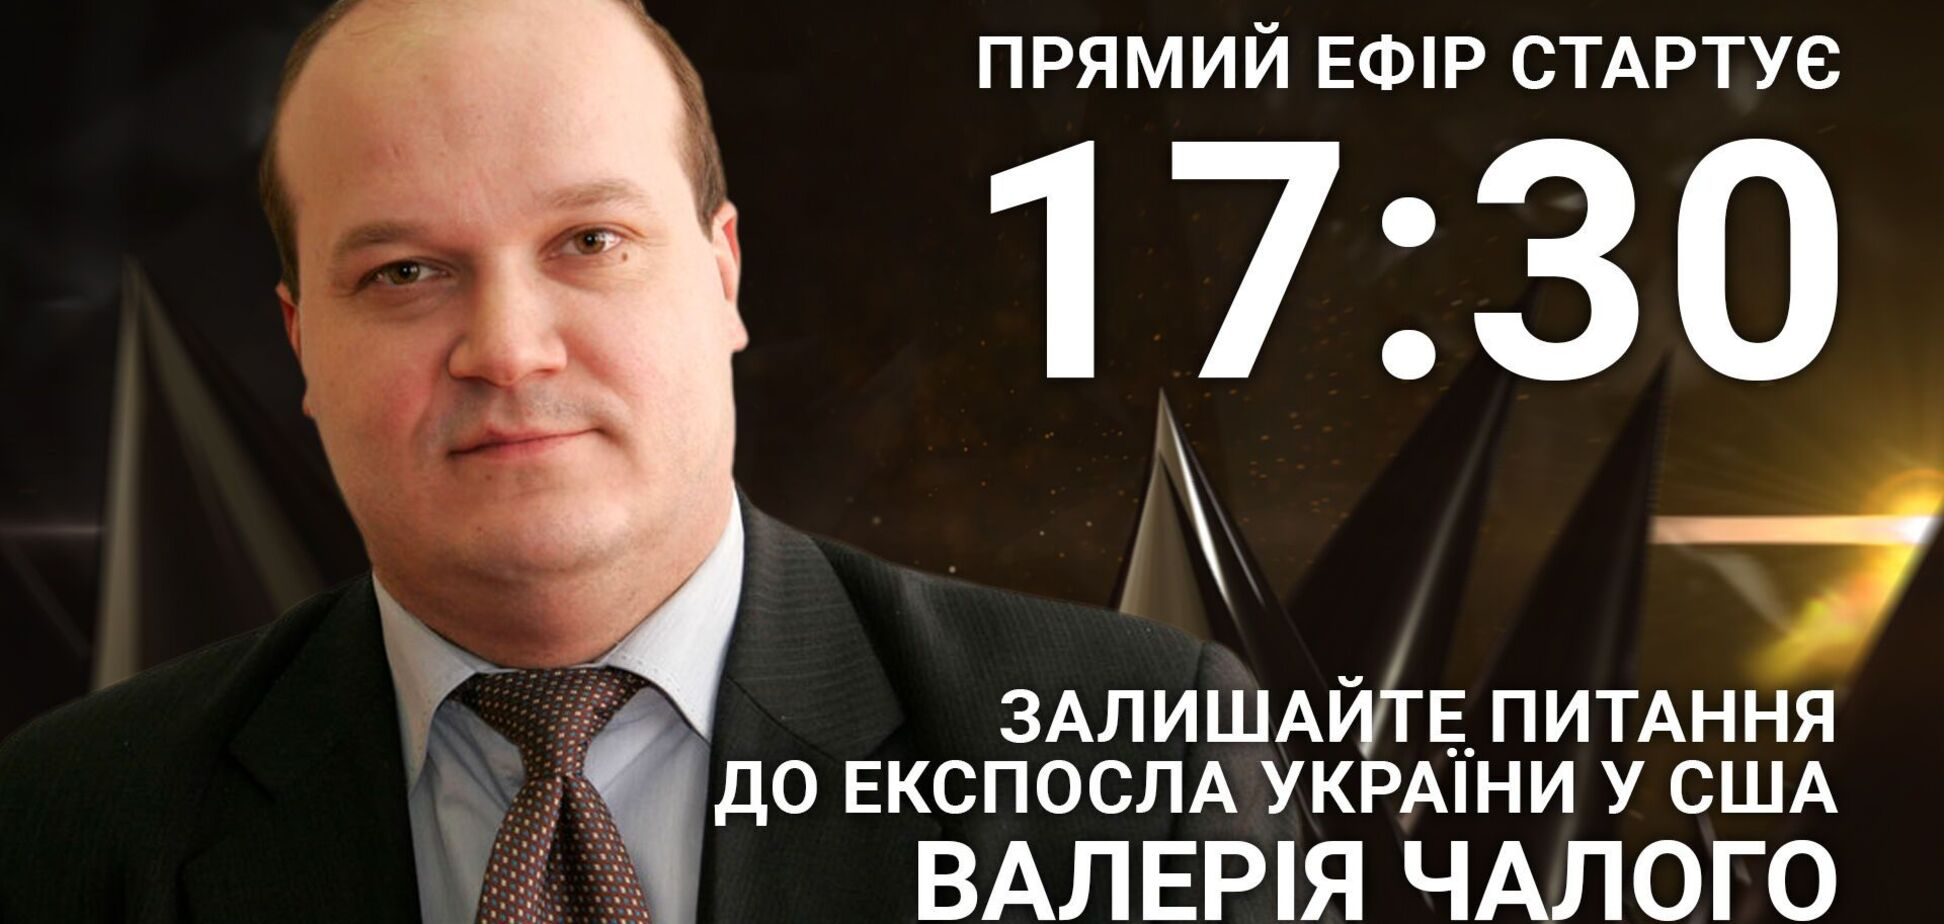 Валерій Чалий: поставте експослу в США гостре питання